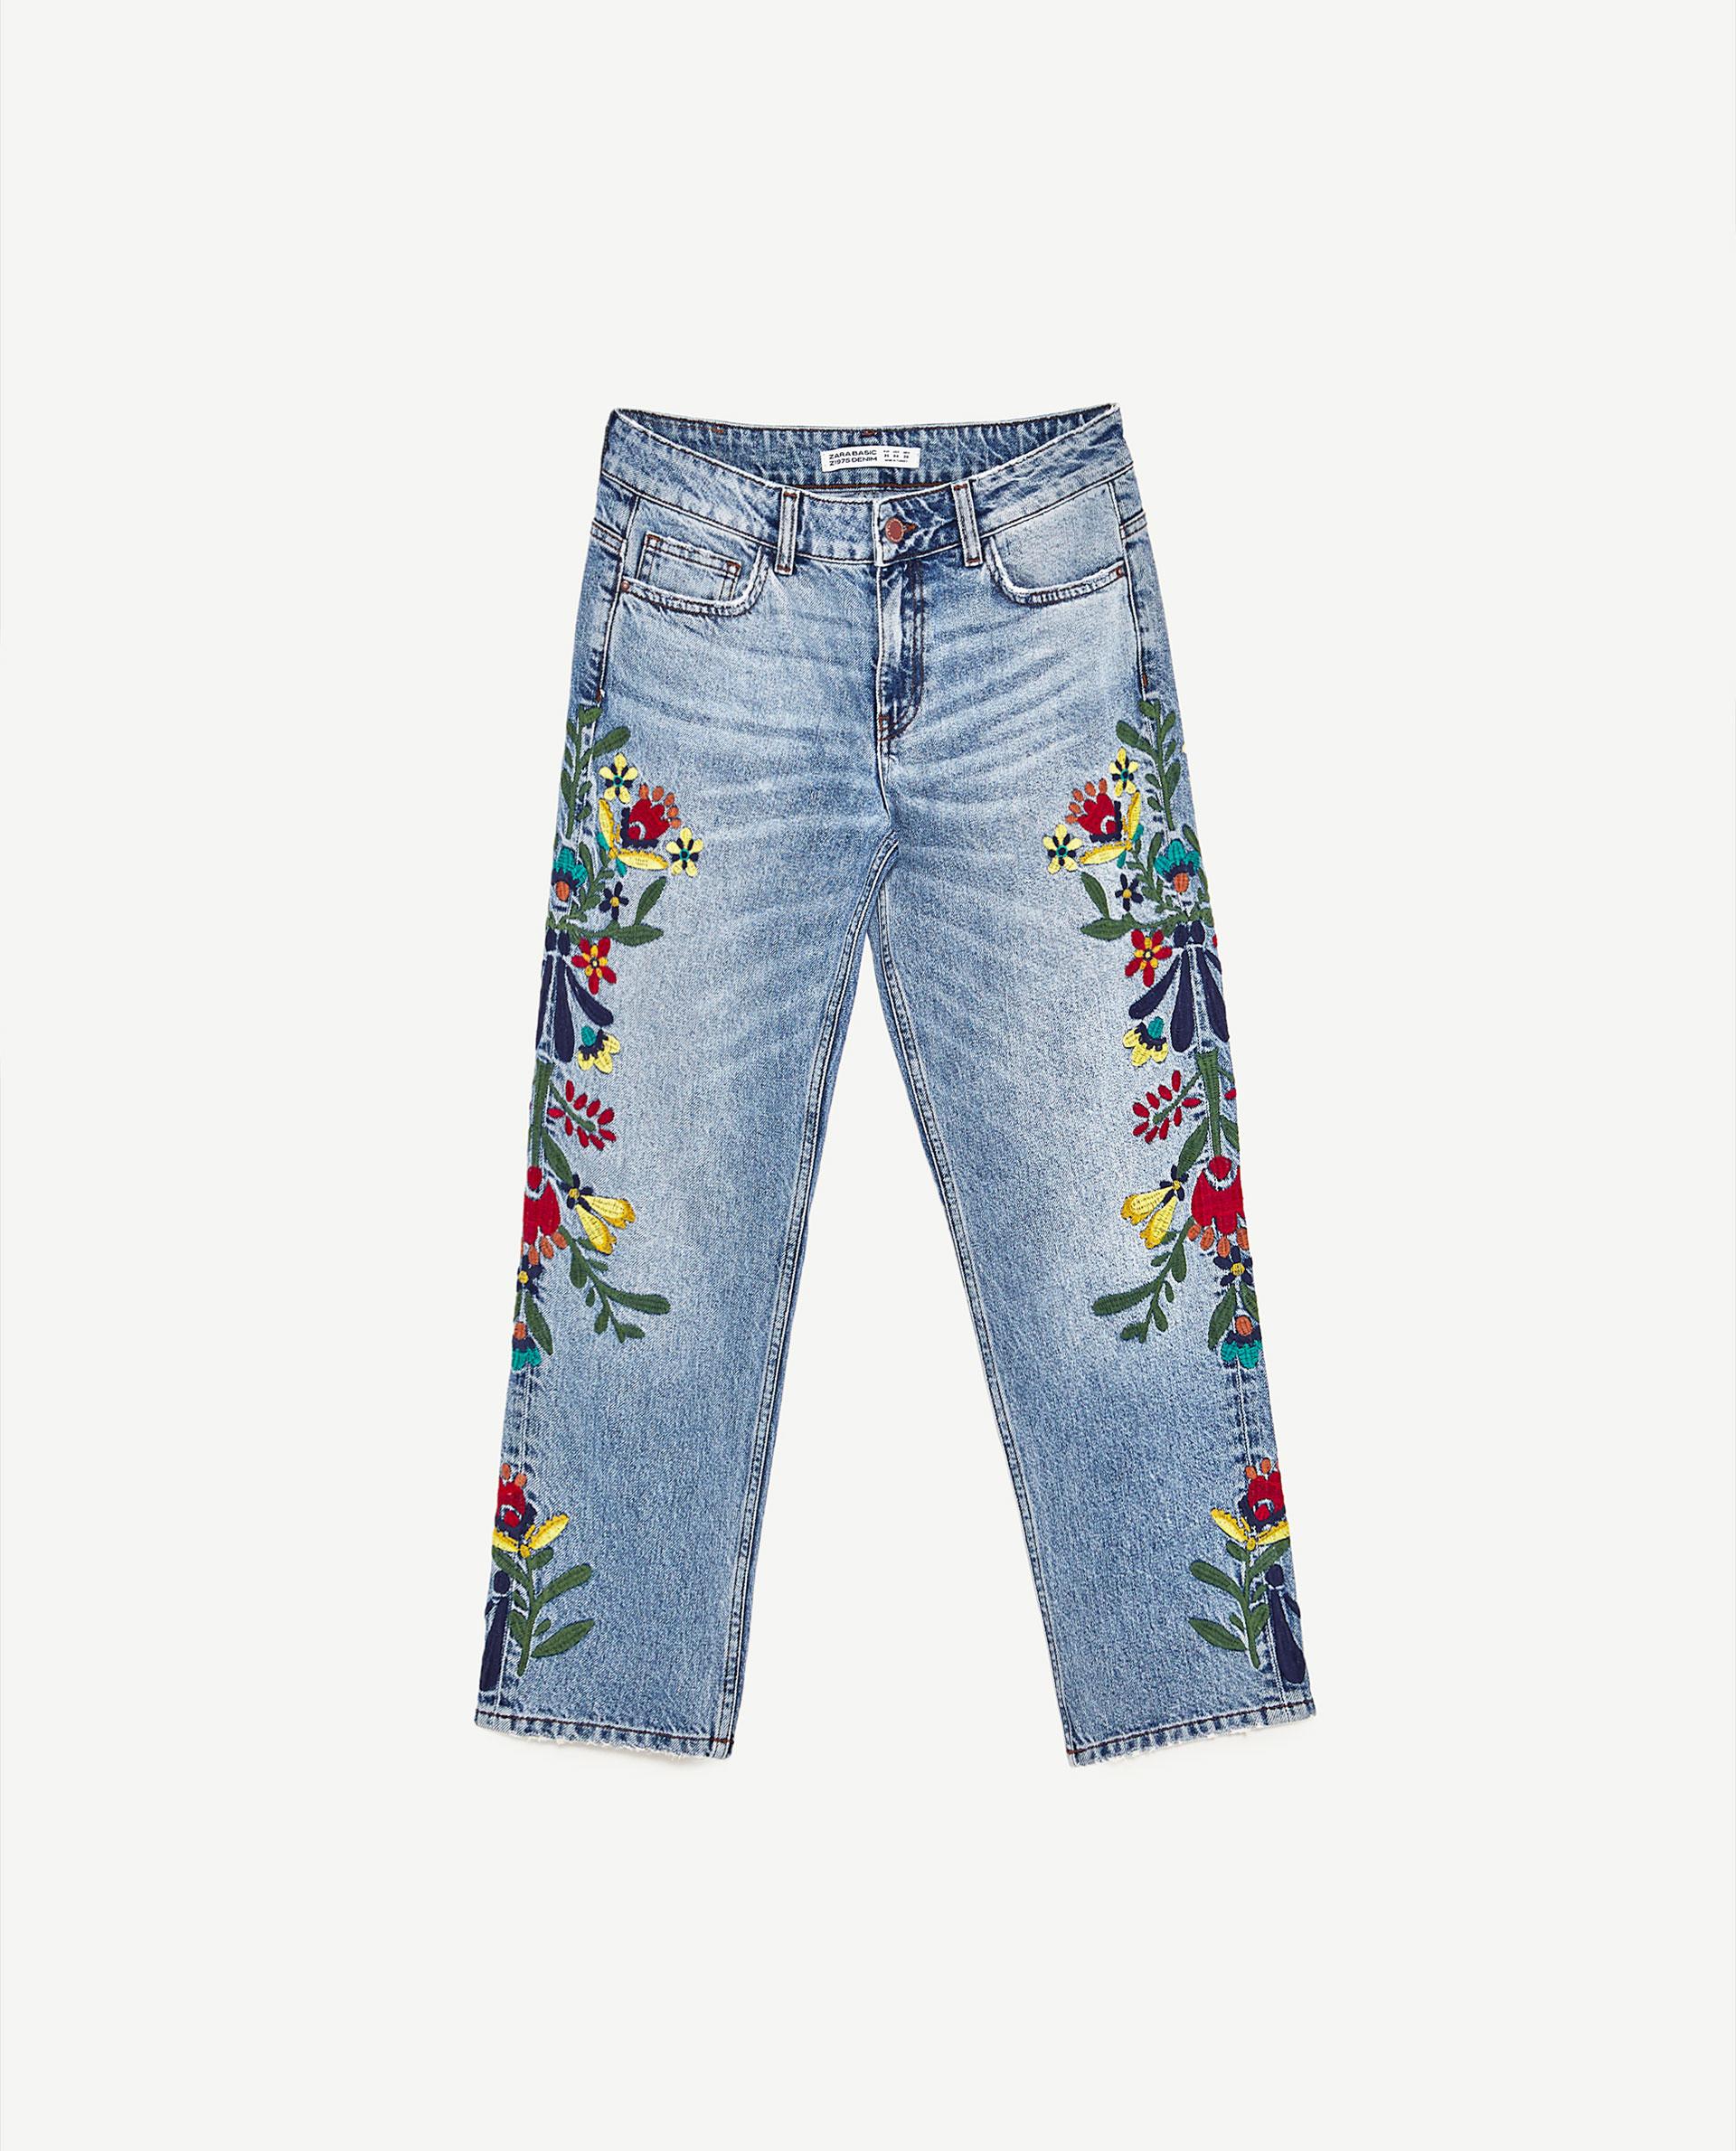 Summer jean staple